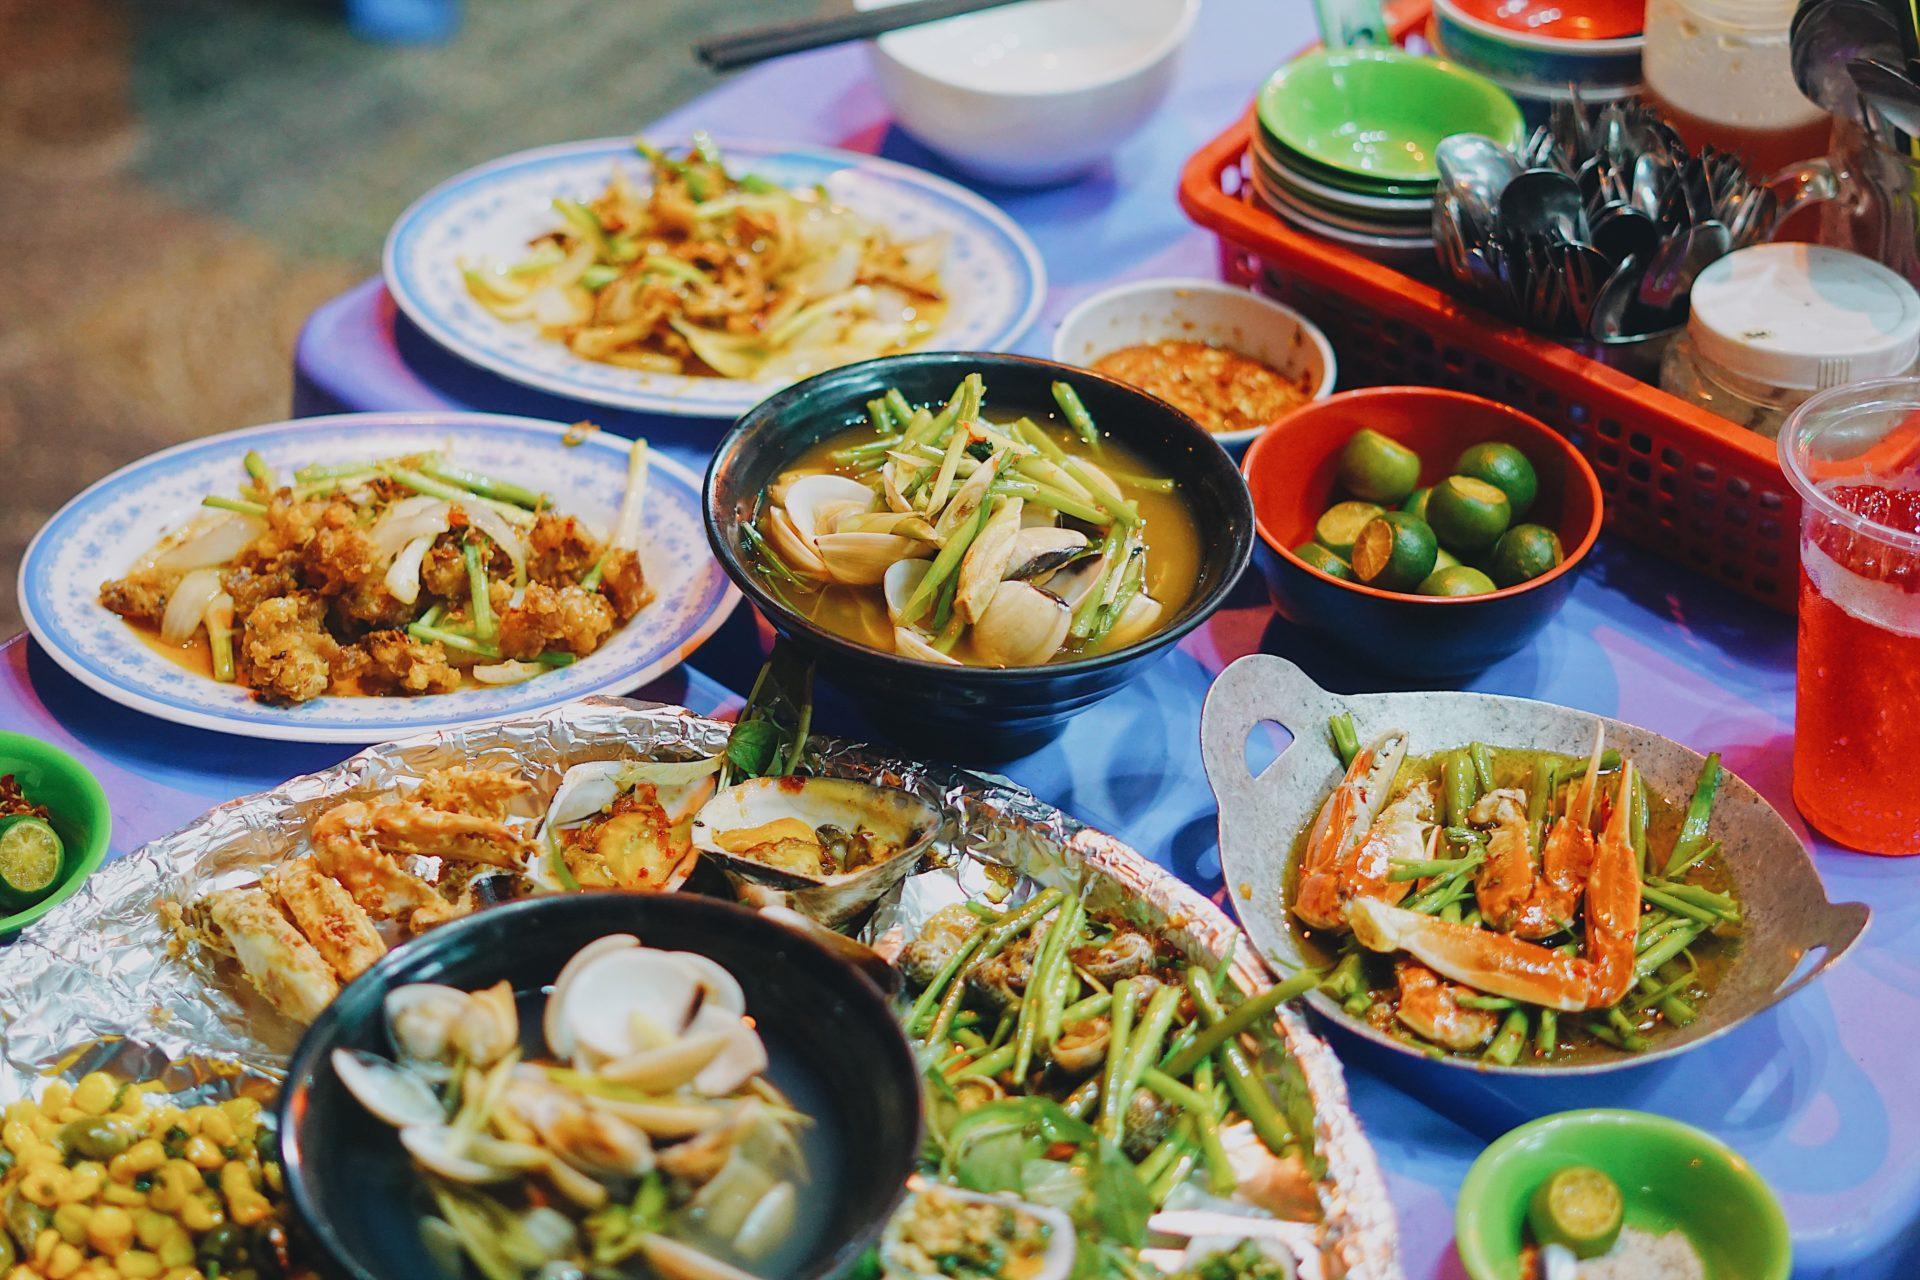 Du lịch Quy Nhơn giá rẻ, Bỏ túi 200k ăn ngon các món hải sản khi ...